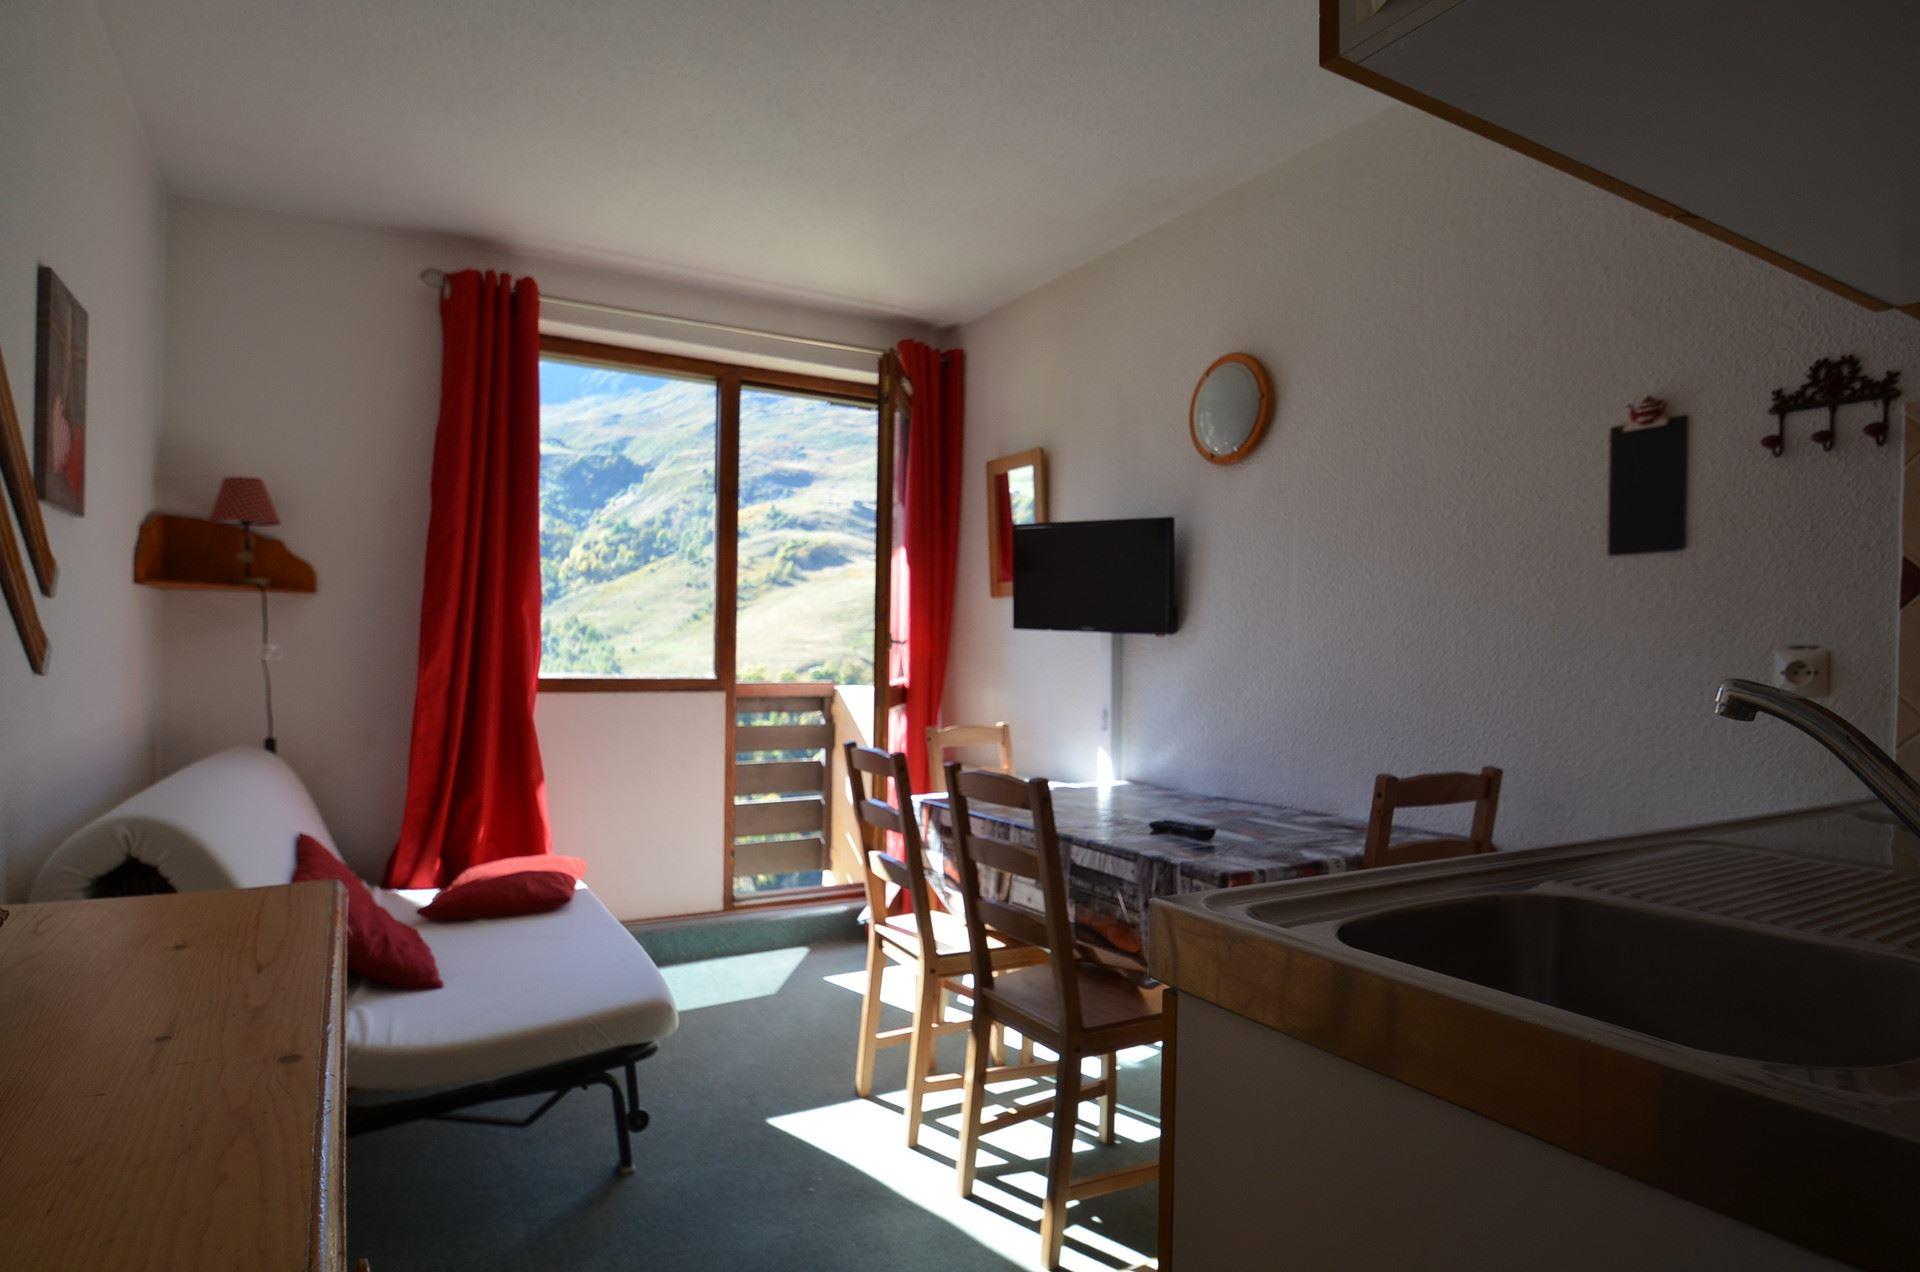 2 Pers Studio cabin ski-in ski-out / SARVAN 409